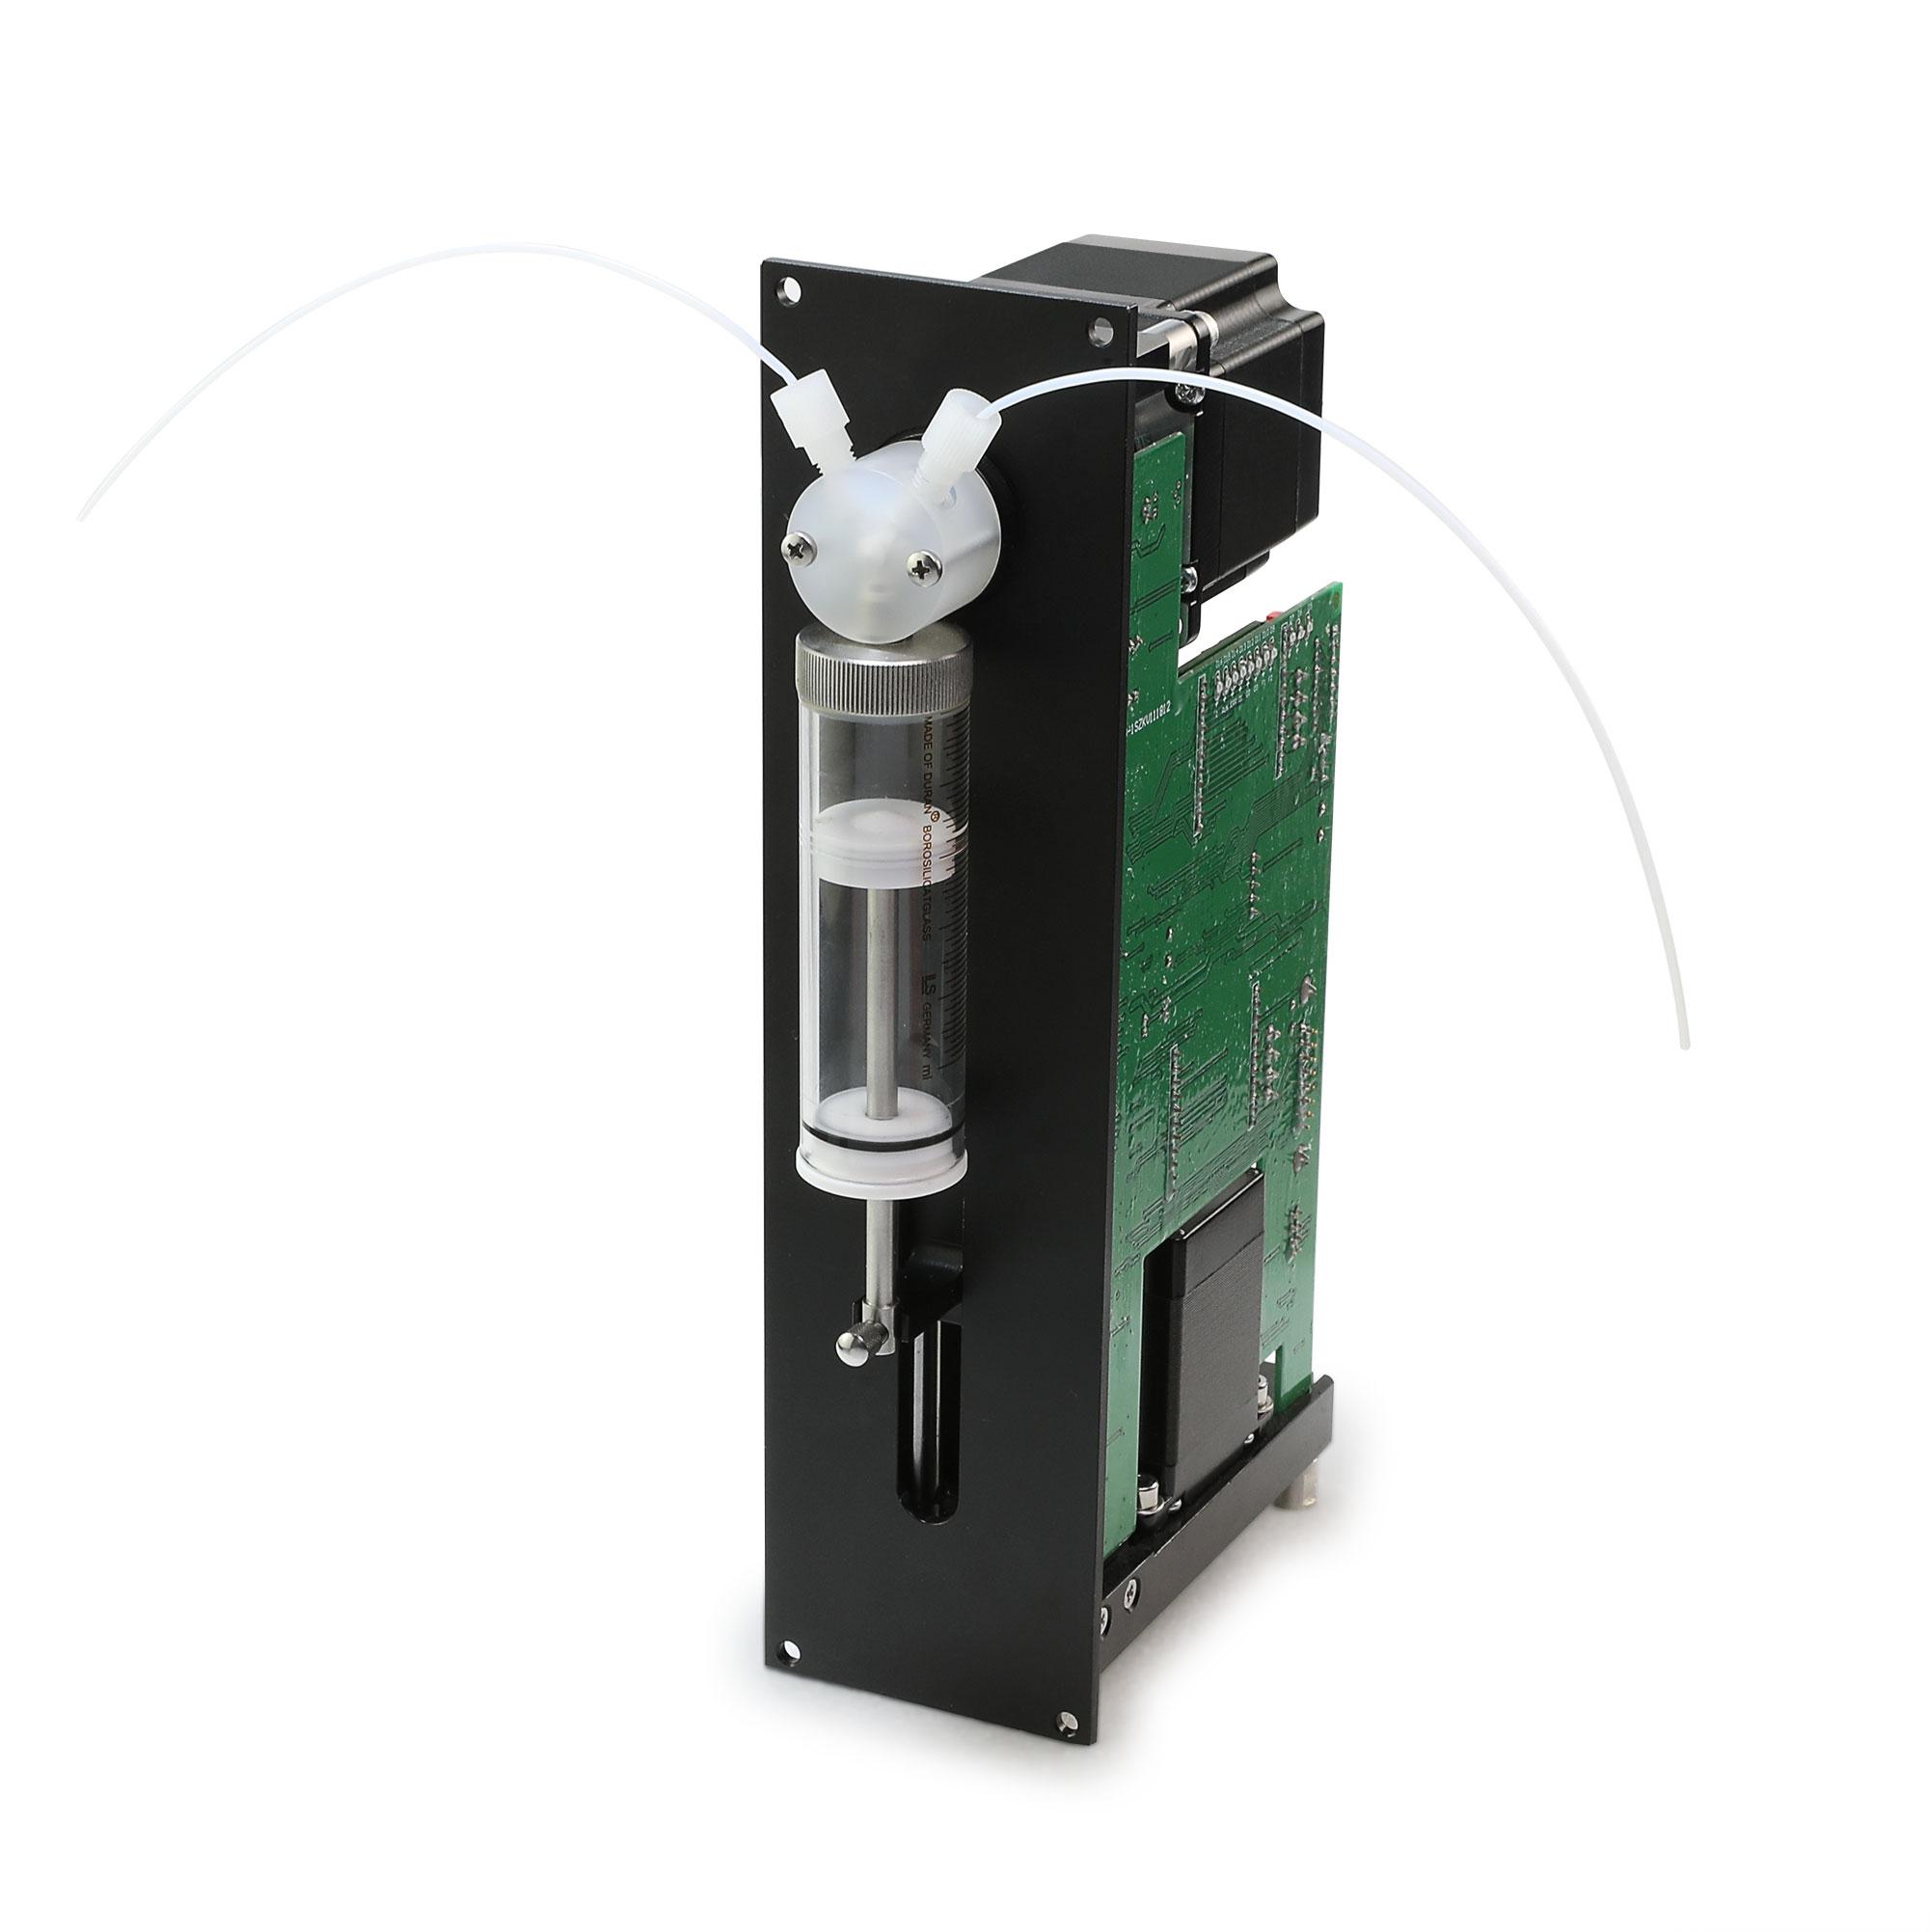 微量注射泵用于液体处理平台